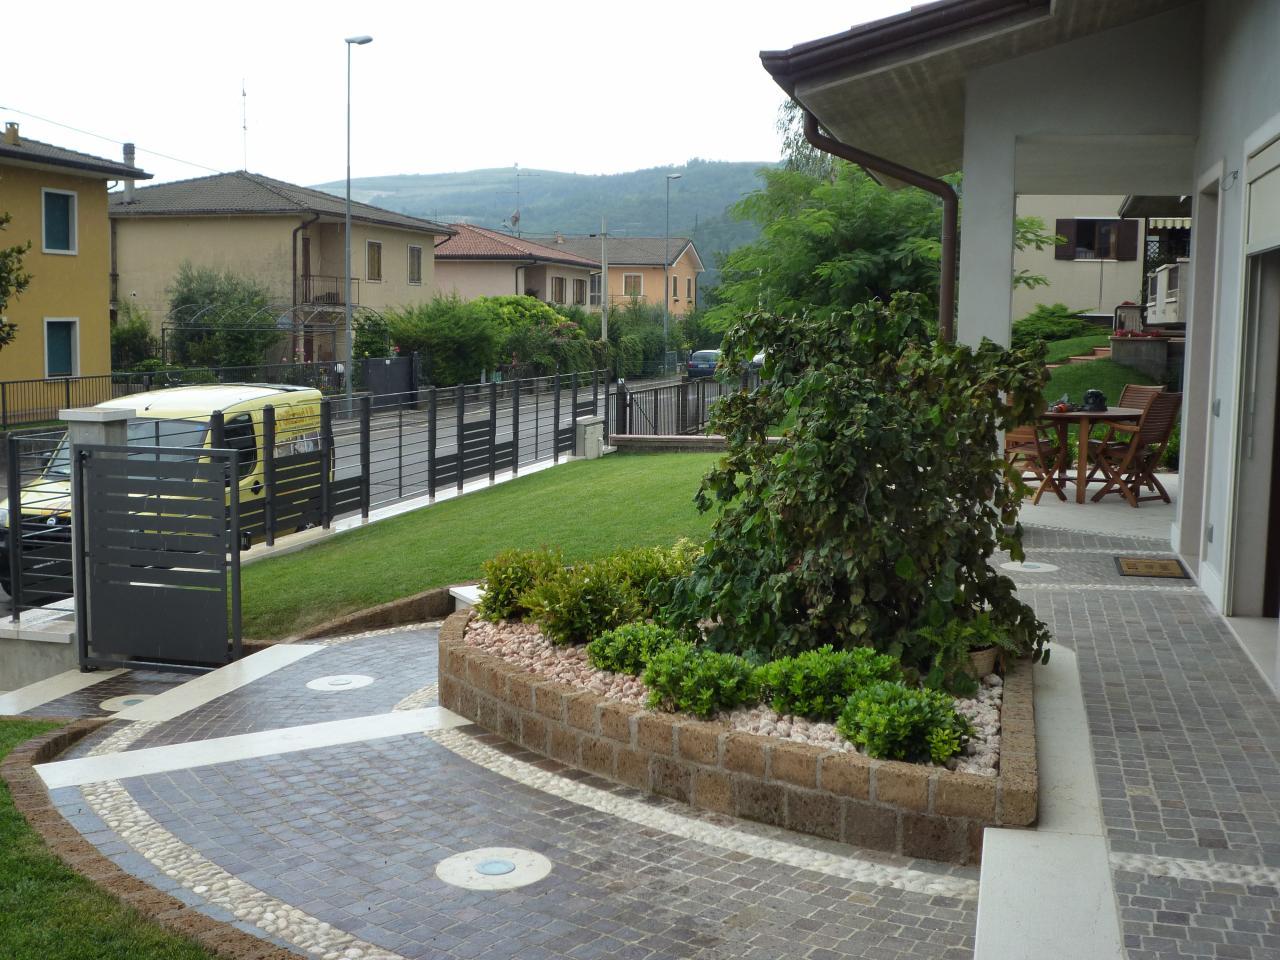 Pavimento per esterno a verona realizzato da - Camminamento pietra giardino ...